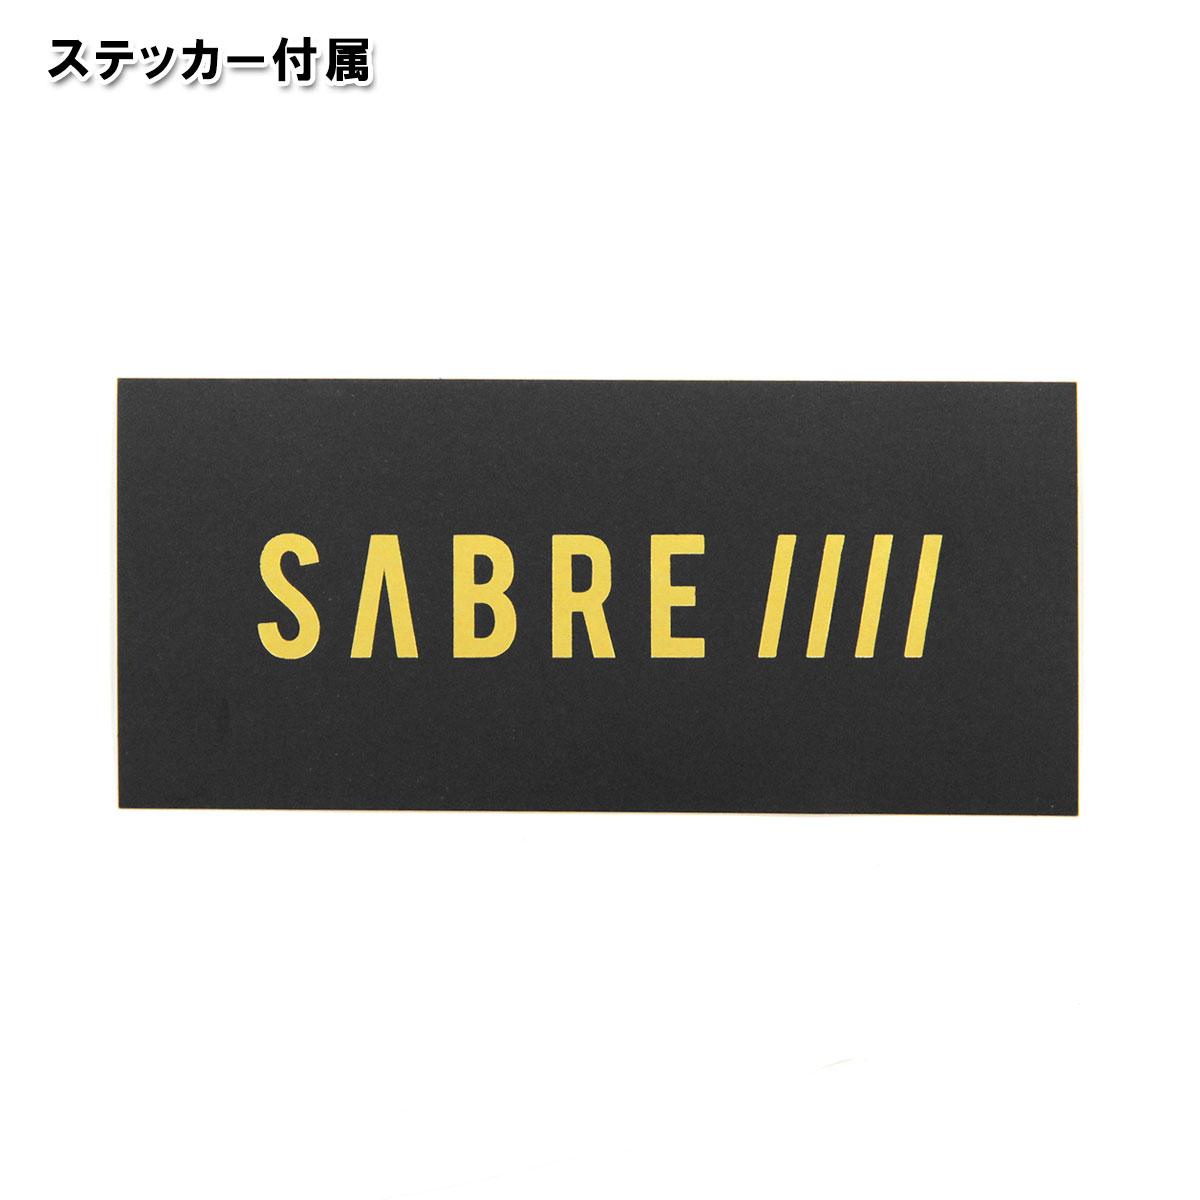 セイバー SABRE 正規販売店 サングラス めがね CHEVELLE TORTOISE FRAME CLEAR TO GREY LENS SS8-501T-CTG-J A55B B3C C3D D1E E04F